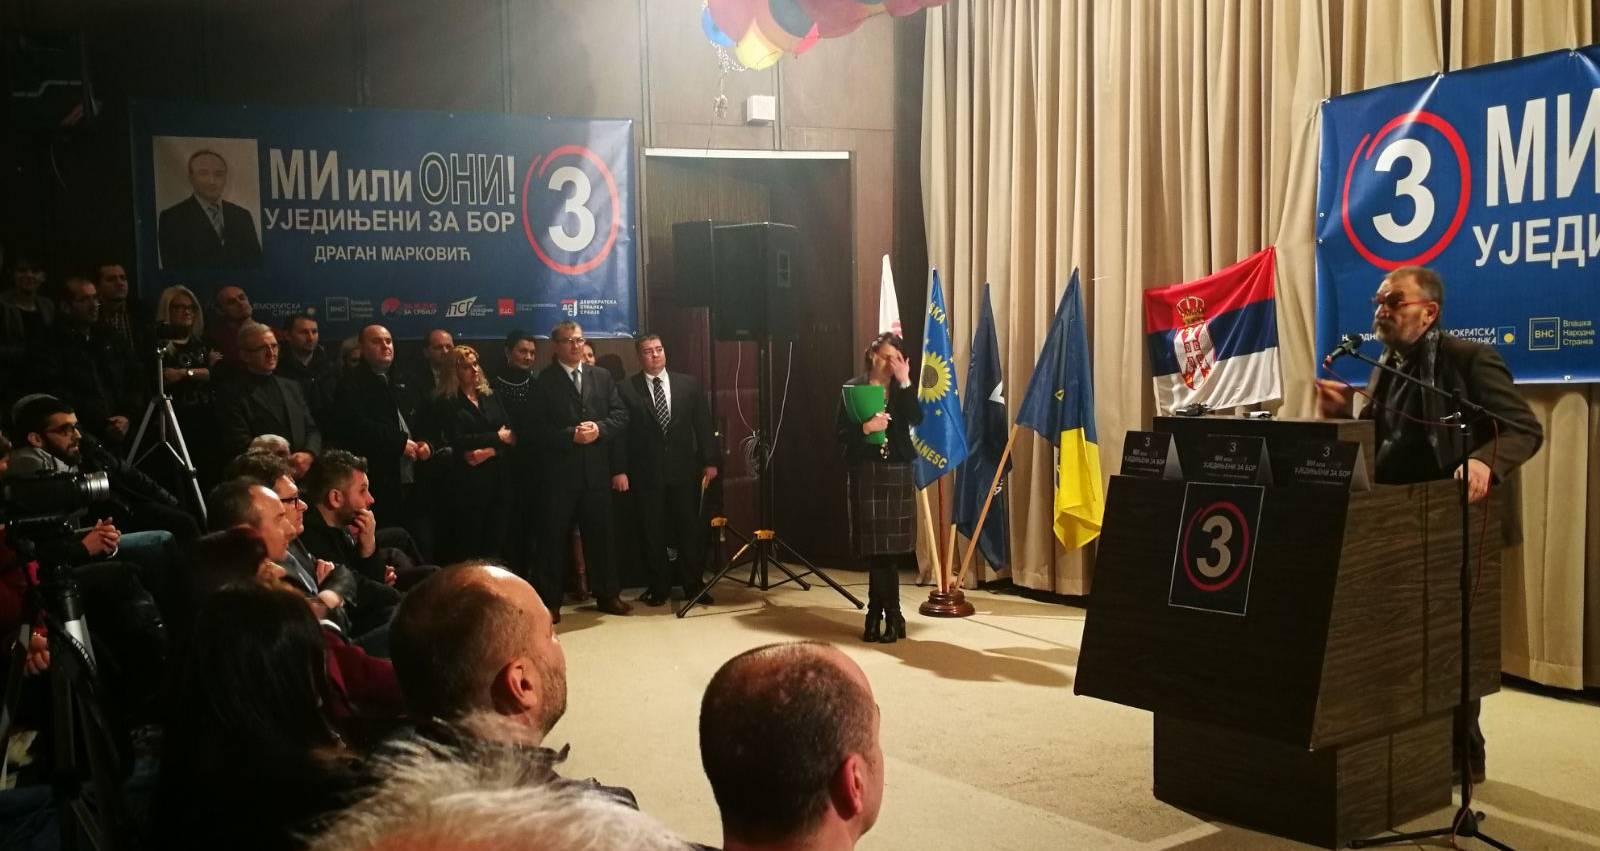 Синиша Ковачевић у Бору: Усправите се и освојите слободу!